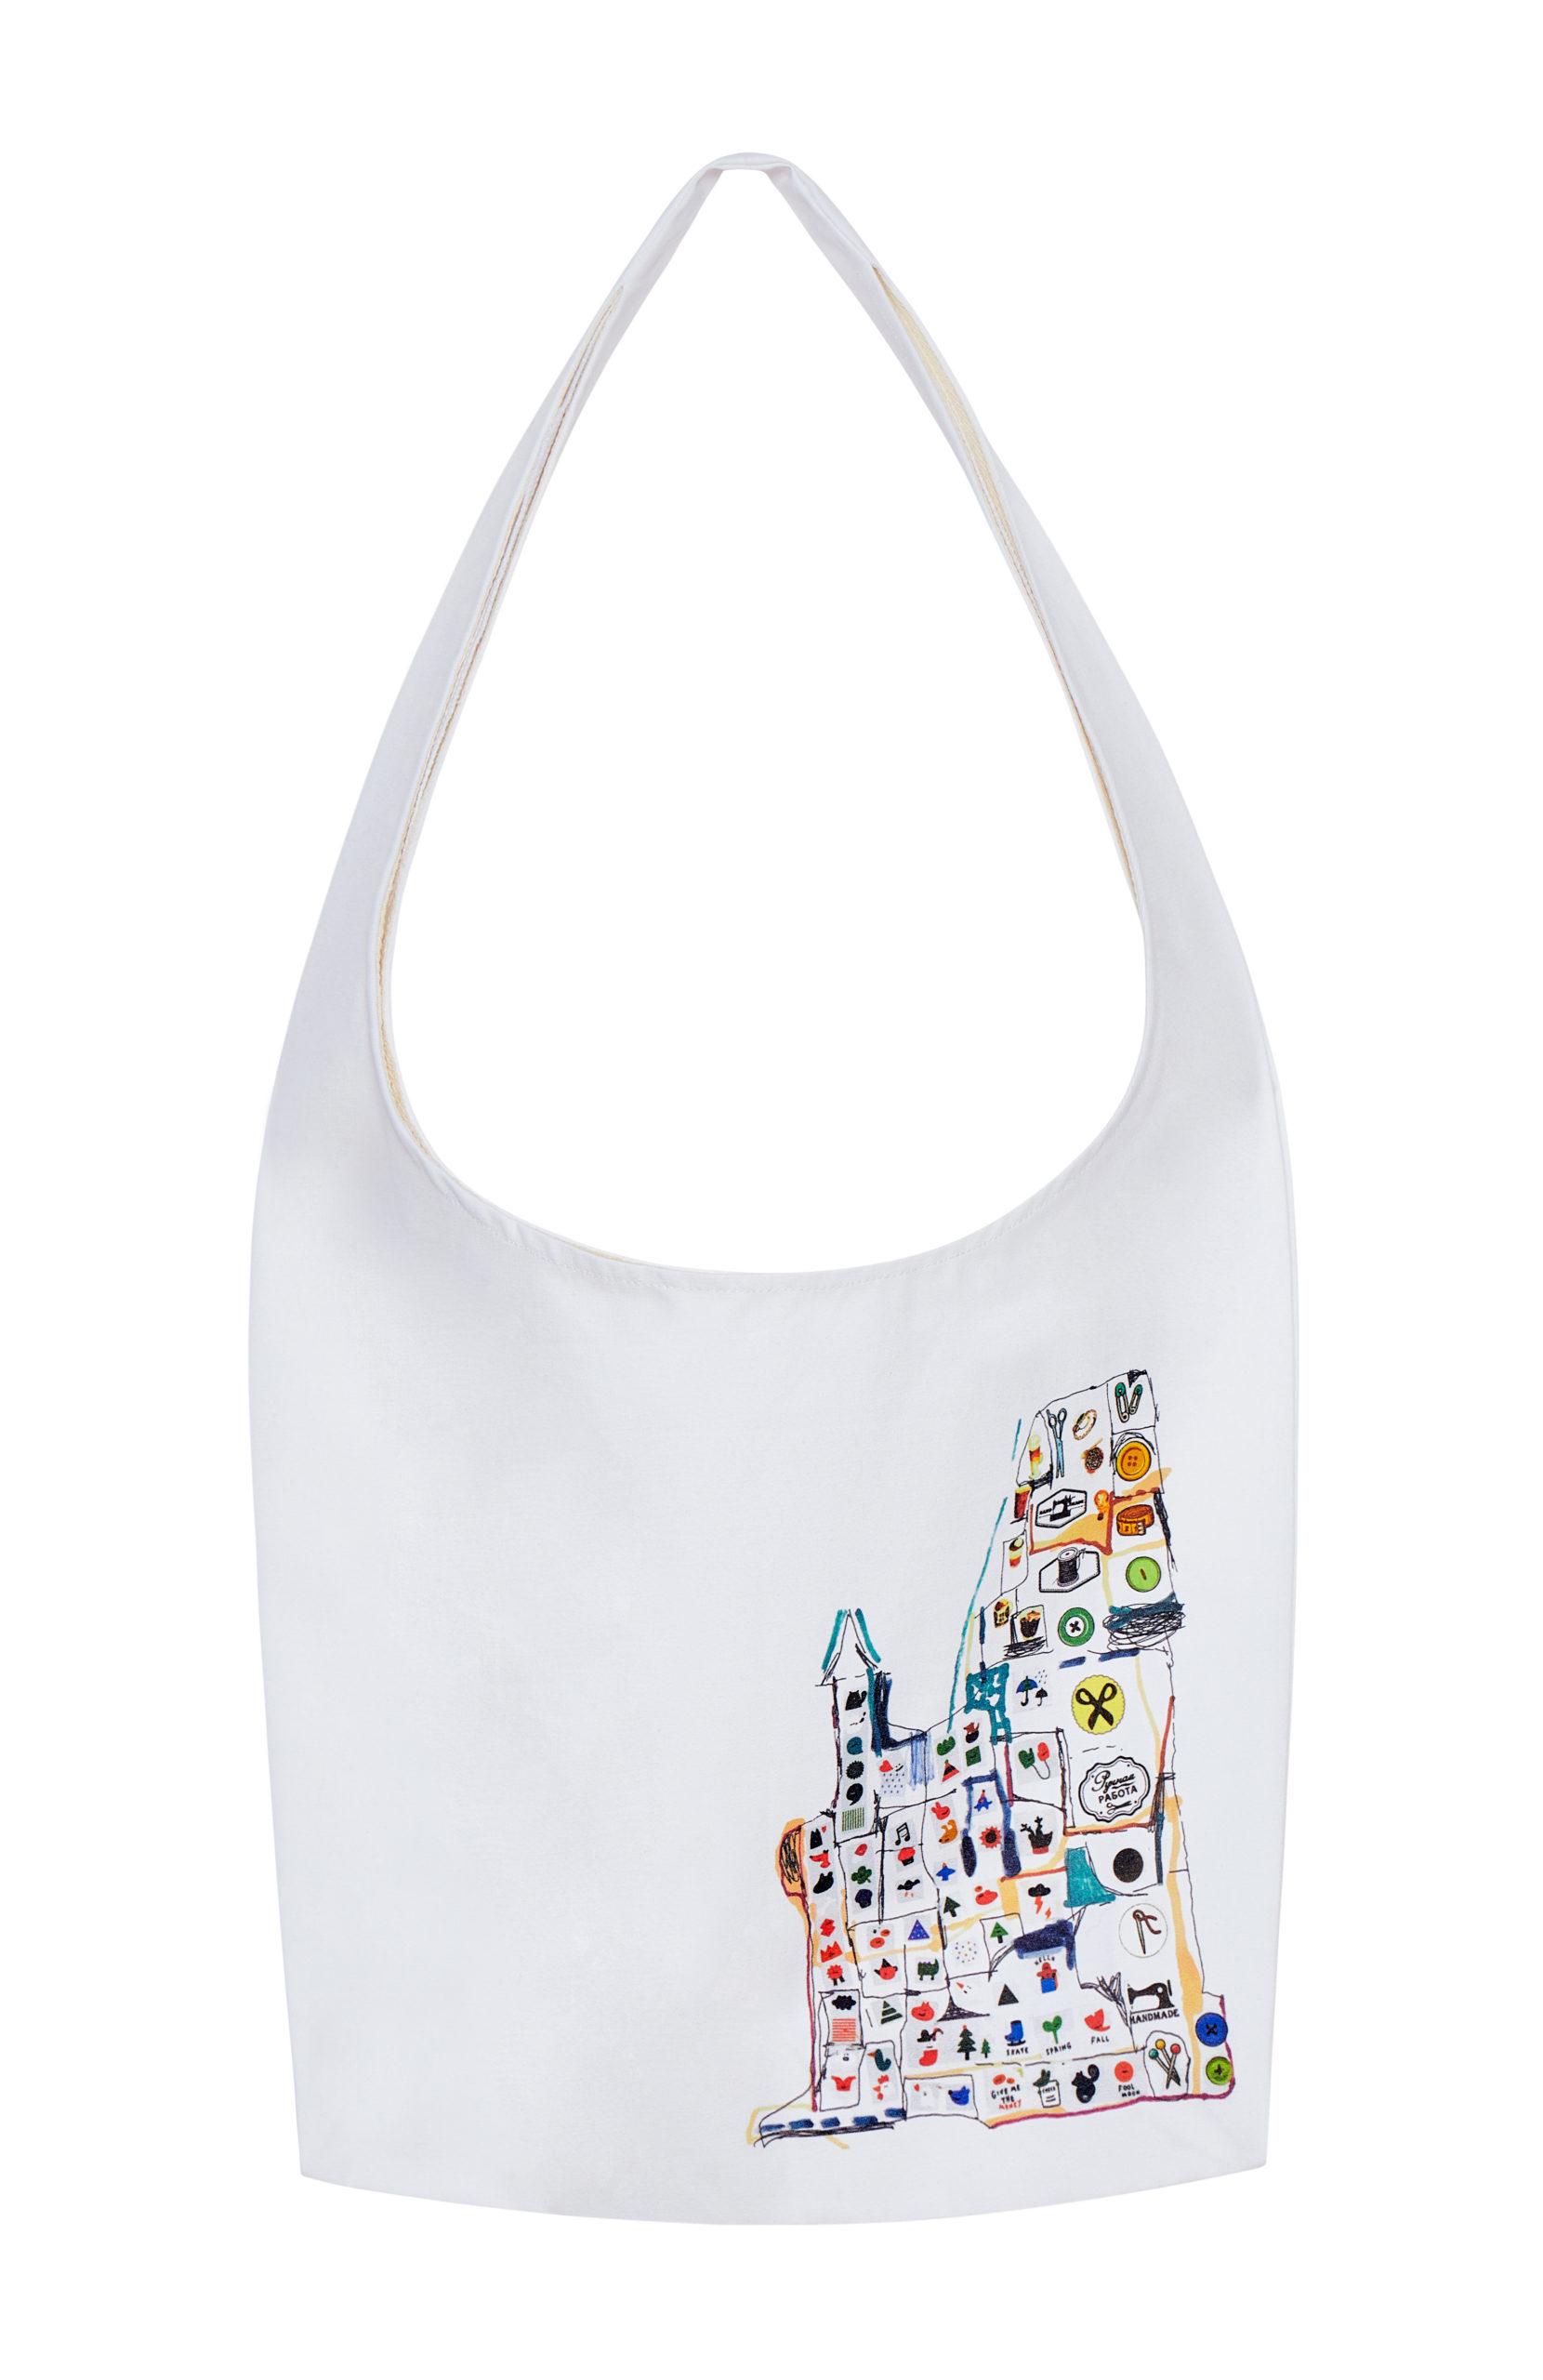 От свитшотов до шоперов: Cosmoscow выпустили капсульную коллекцию одежды